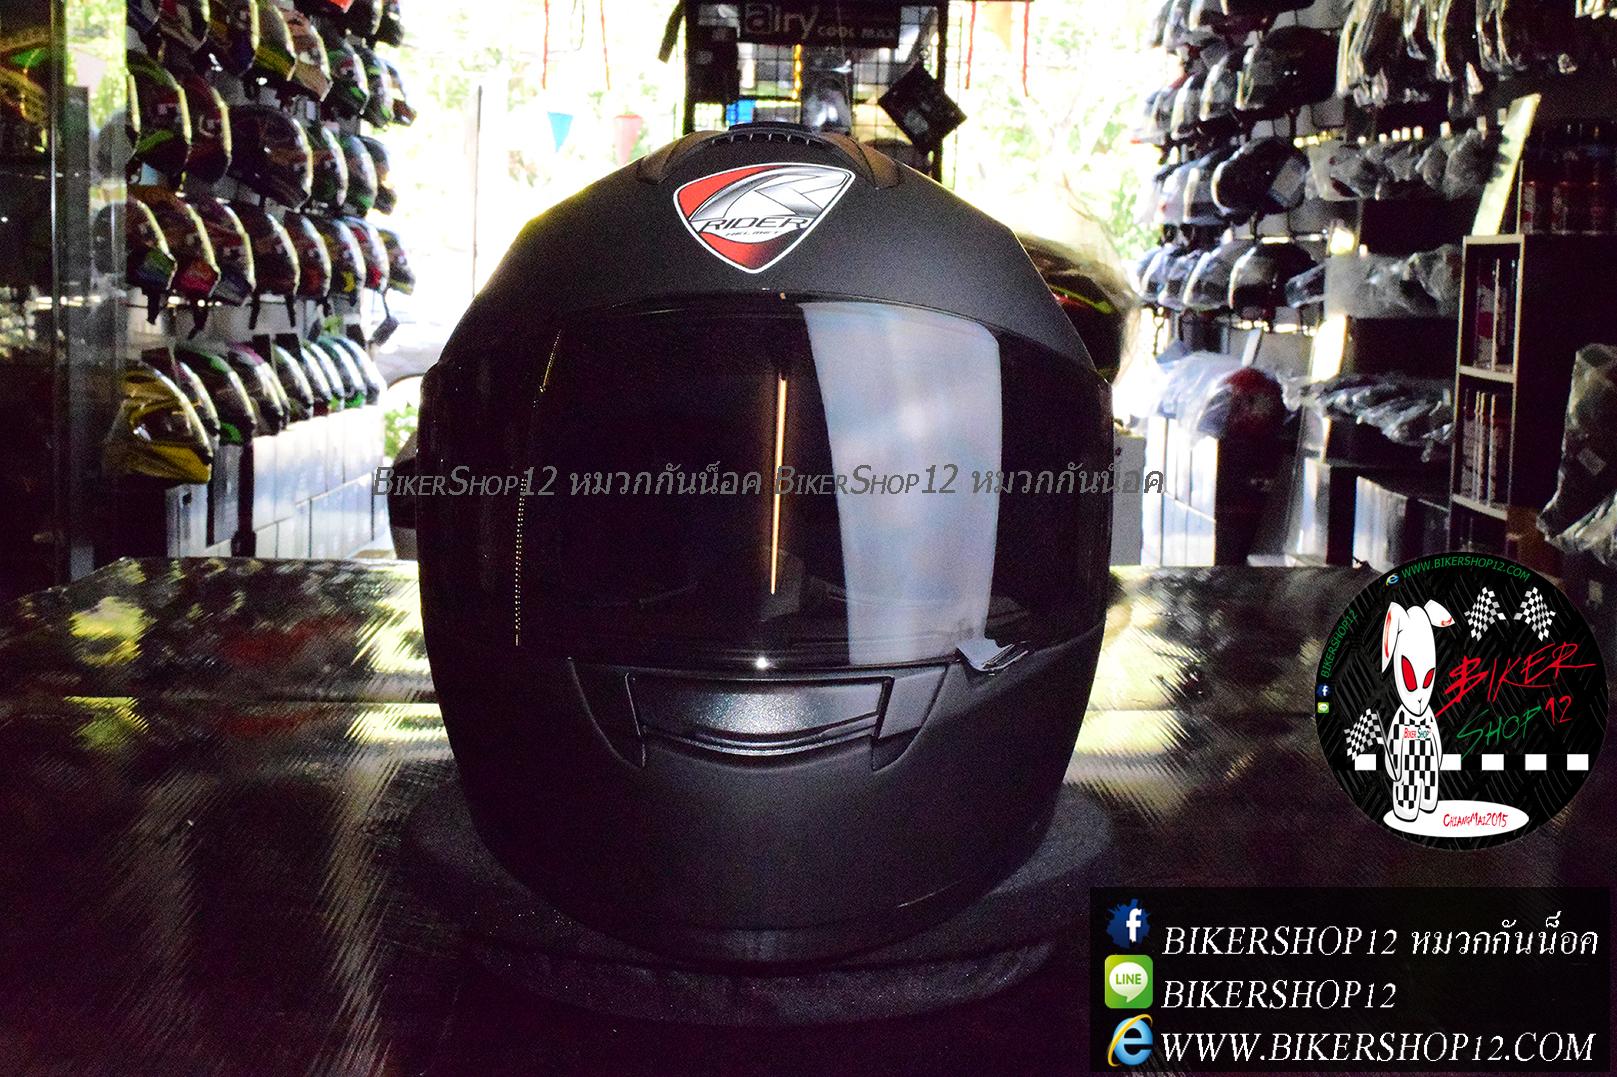 หมวกกันน็อคRider รุ่น Vision X สีดำด้าน